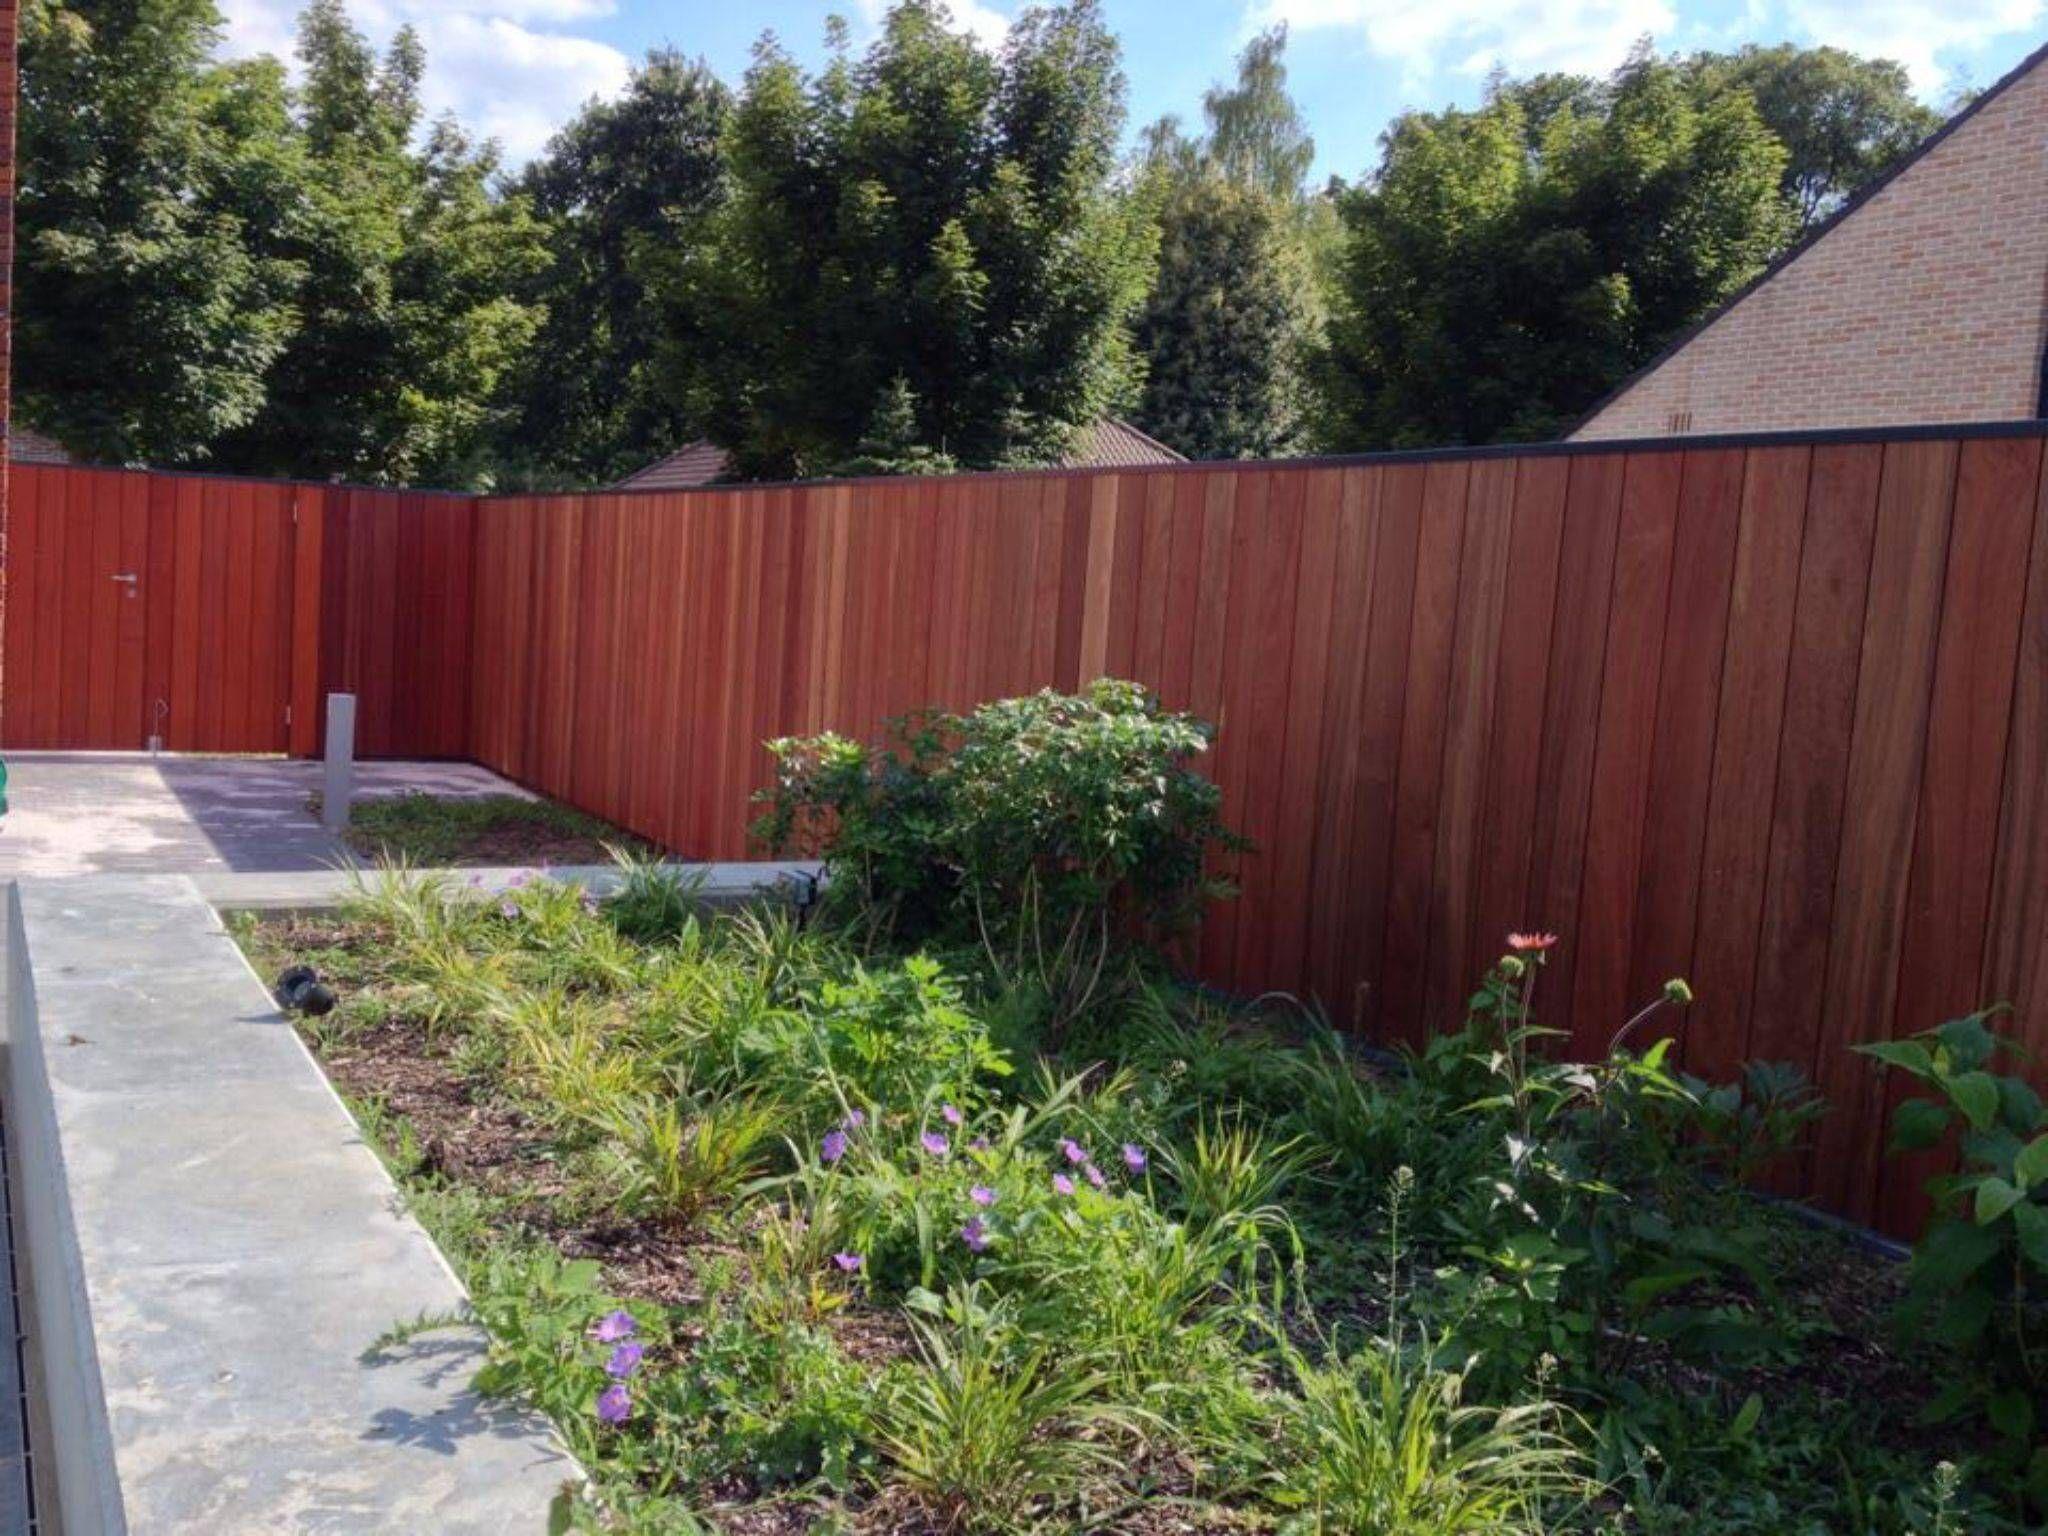 8 Shocking Privacy Fence 4 Foot Ideas Fence Foot Ideas Privacy Shocking In 2020 Moderner Zaun Vorgarten Zaun Ideen Naturzaun